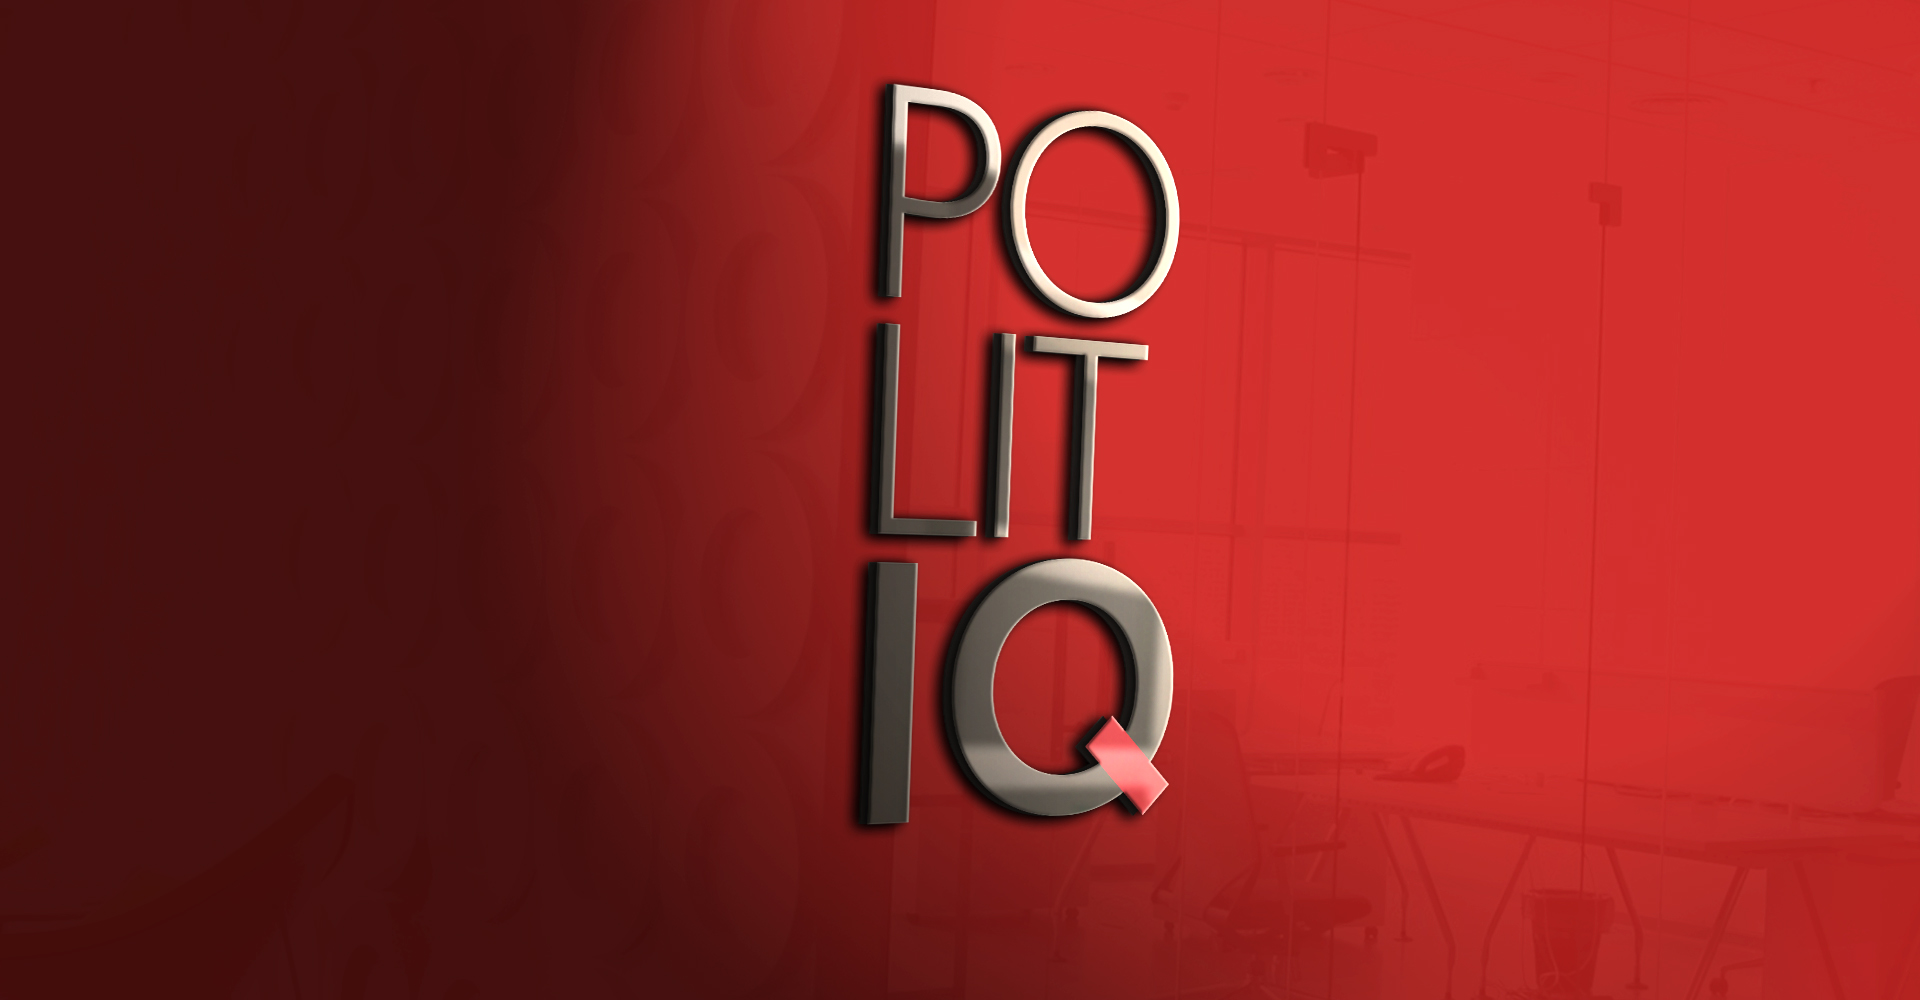 Хотите узнать больше об образовательном проекте по политологии PolitIQ